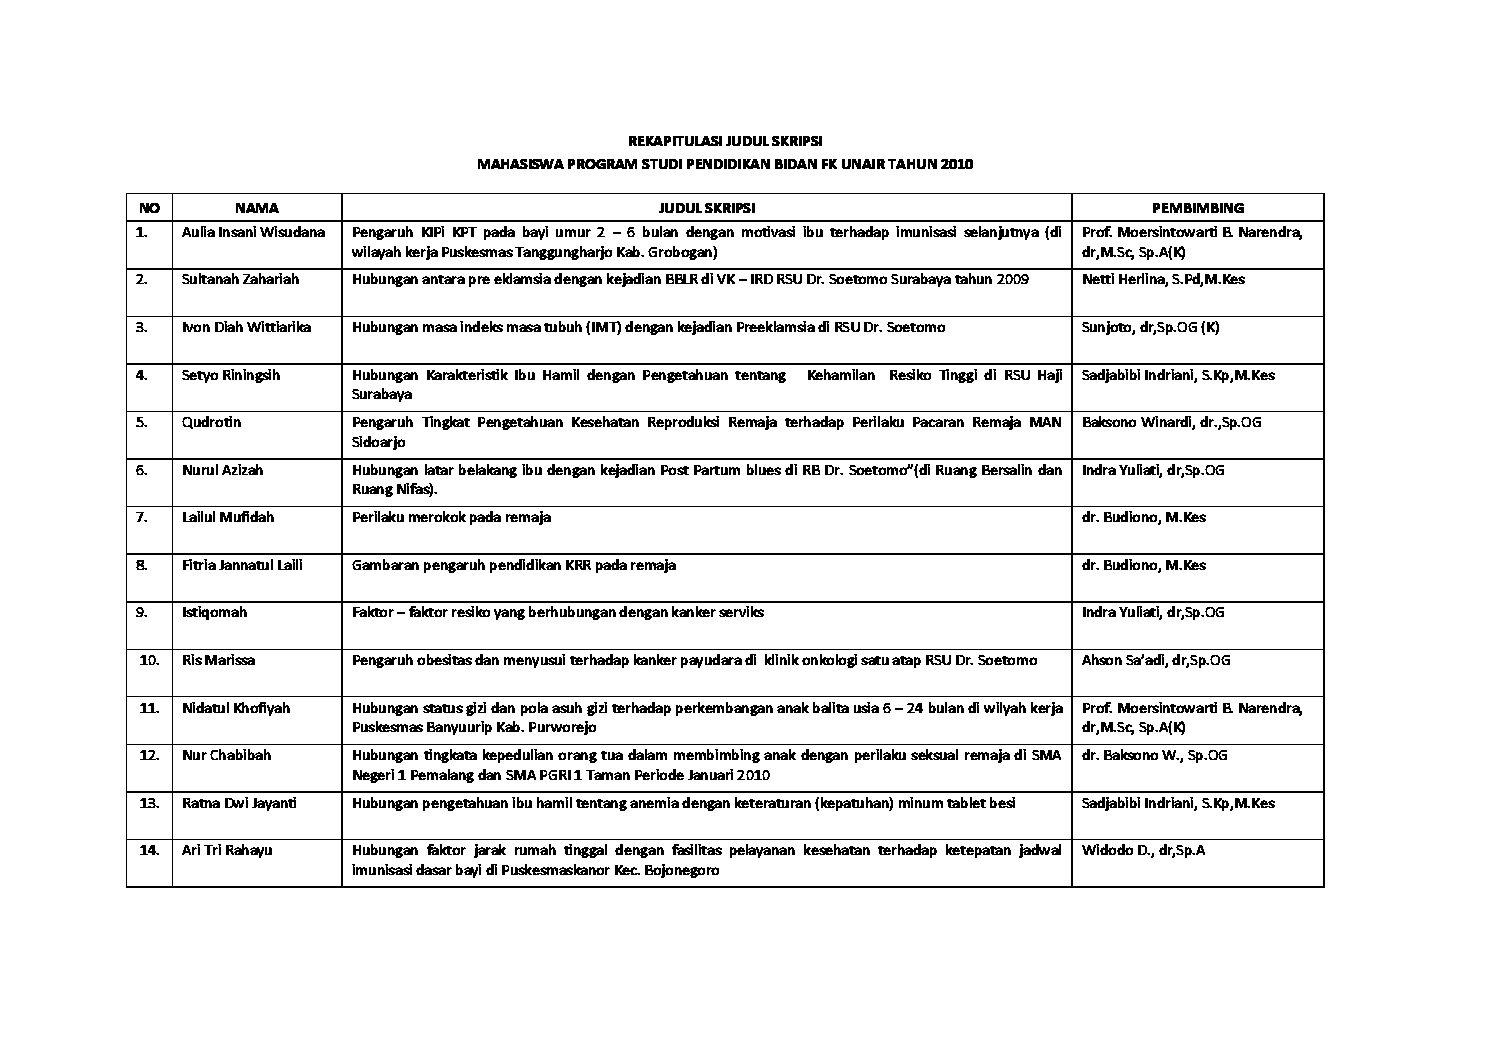 Rekapitulasi Judul Skripsi Tahun 2010 Program Studi Kebidanan Fakultas Kedokteran Universitas Airlangga